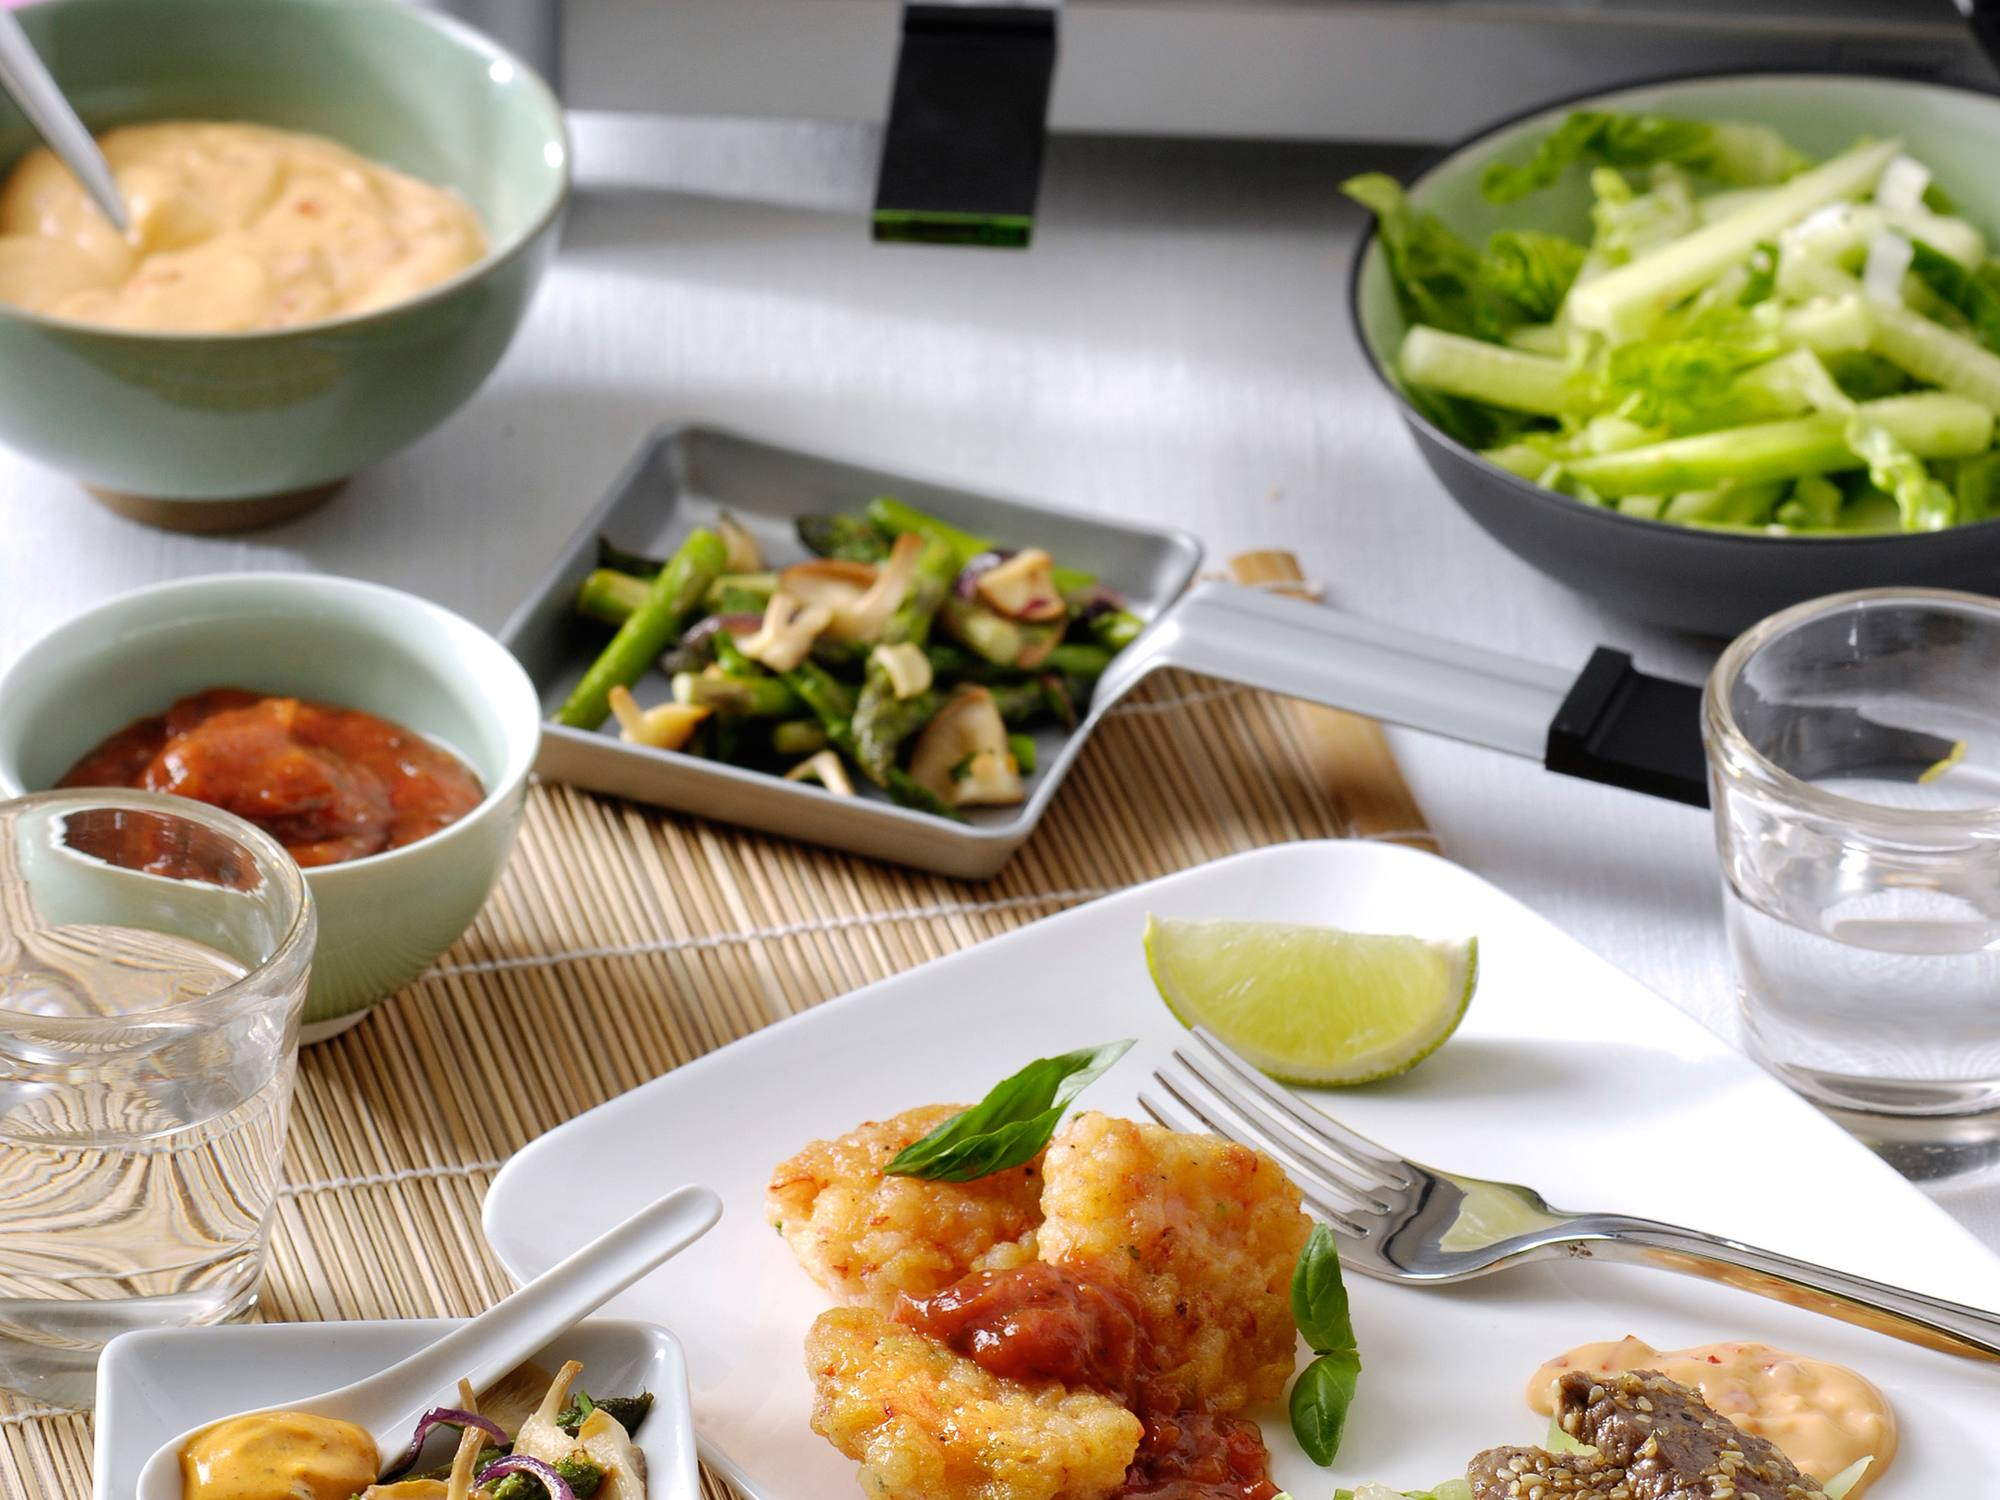 Garnalenkoekjes met limoen, basilicum en Chilisaus